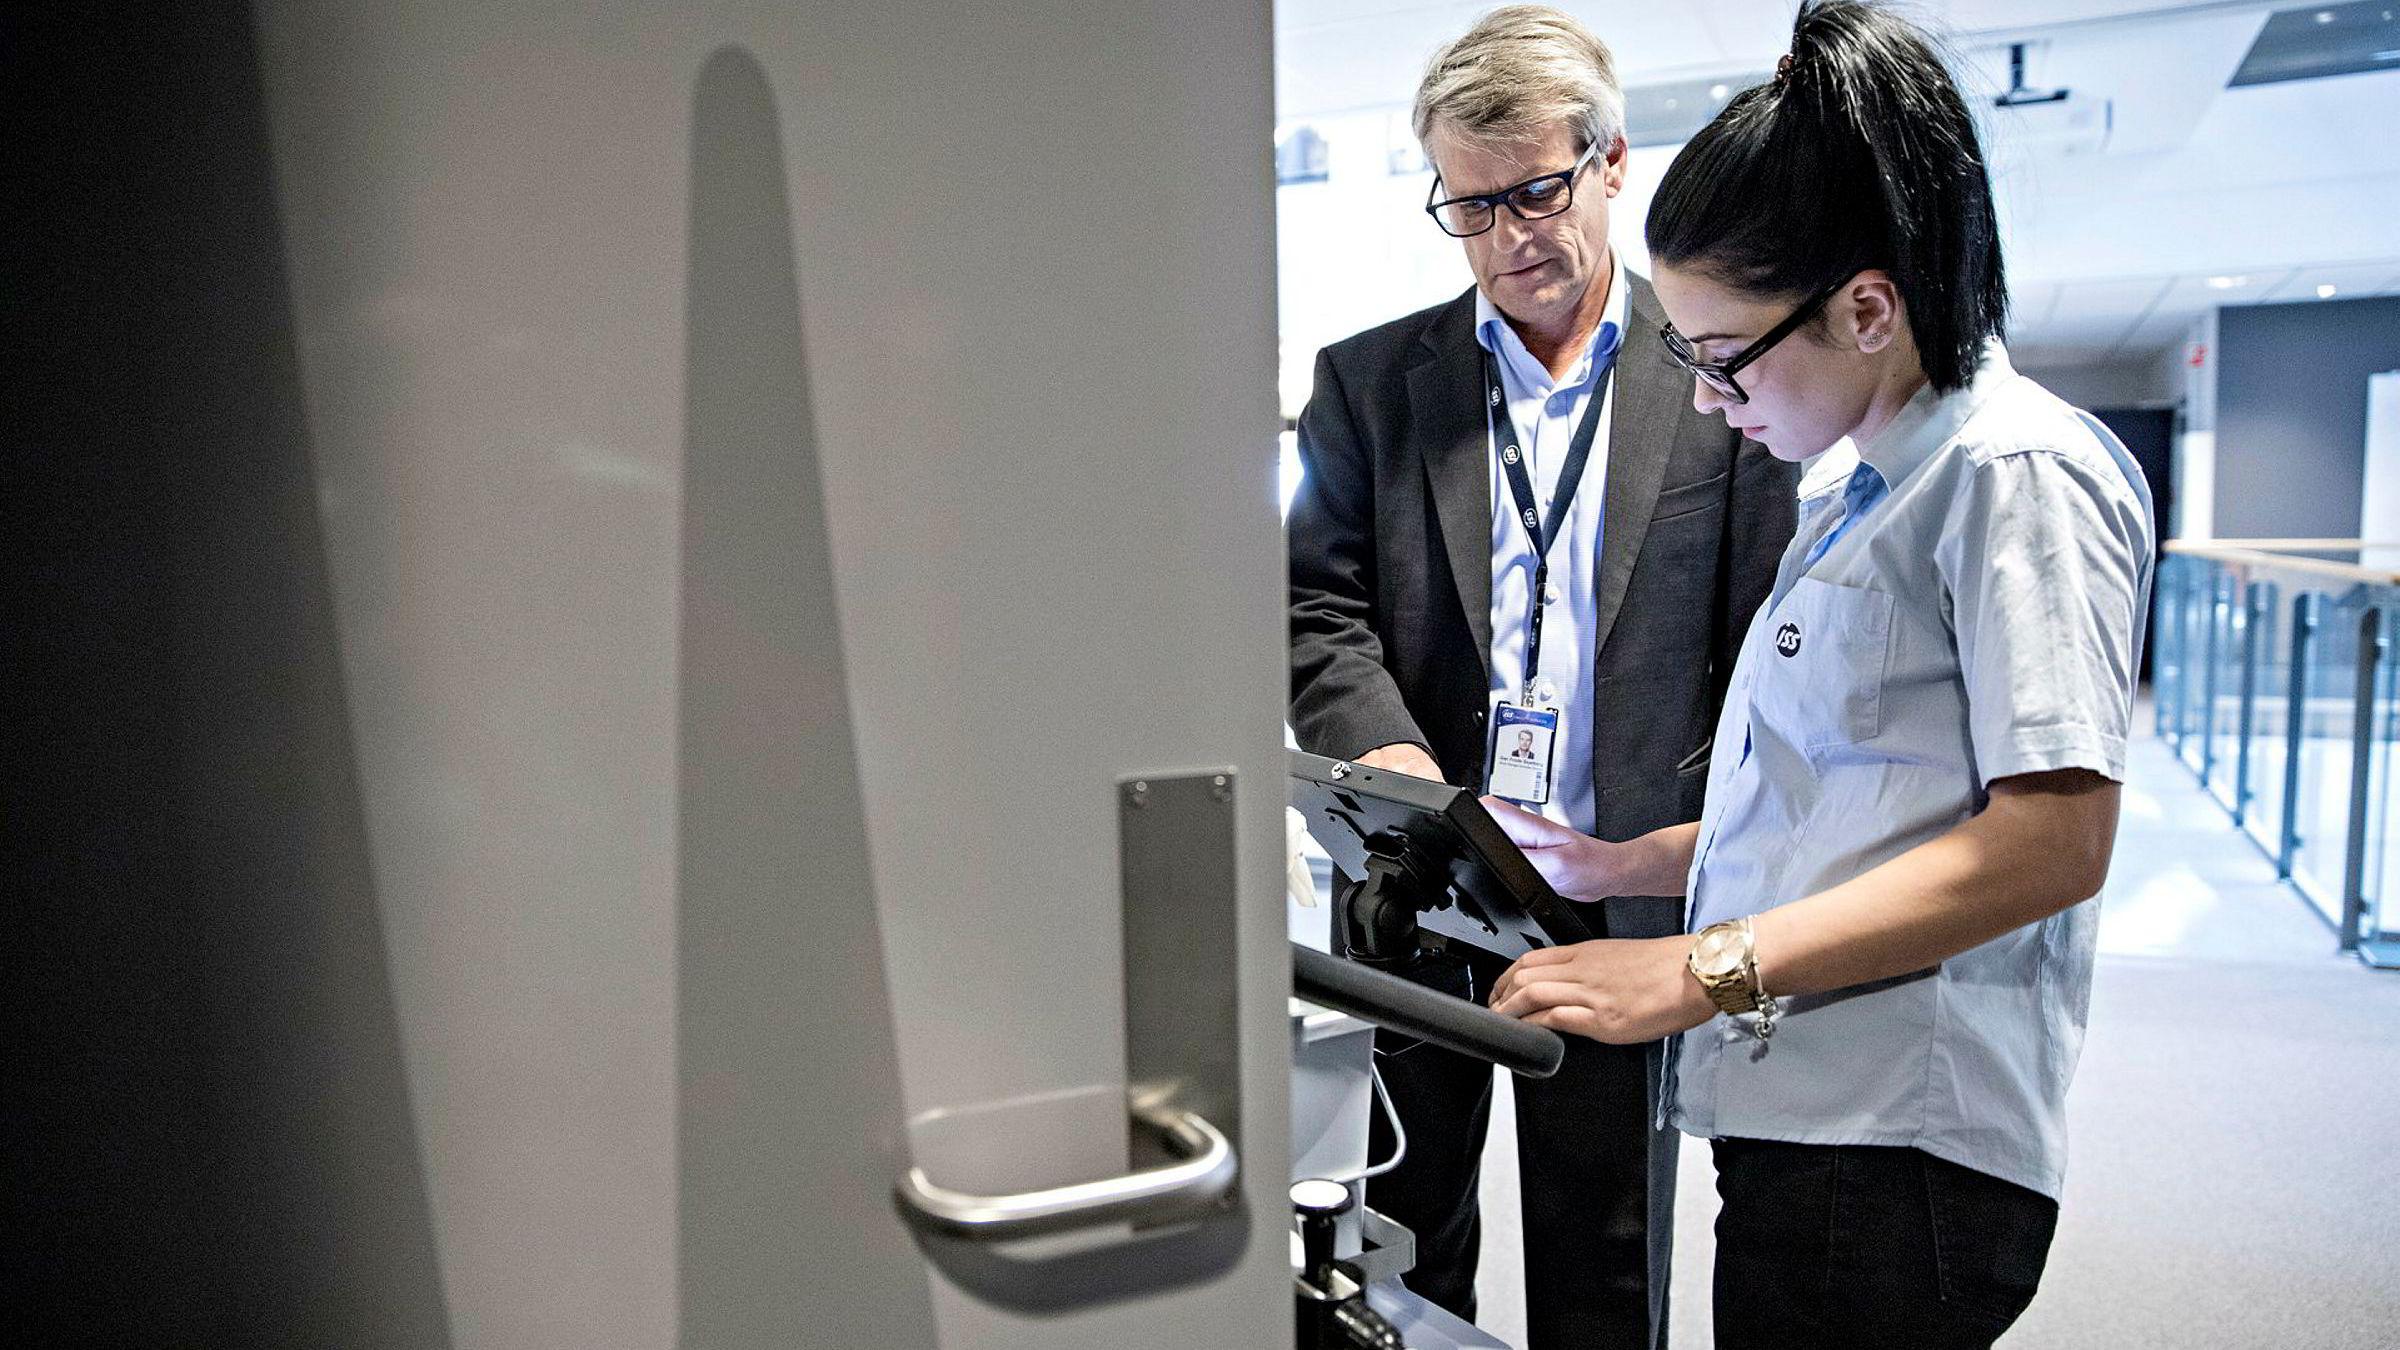 Nye sensorer skal gi servicefolk som Laura Loana full oversikt over hvilke møterom og toaletter som har vært mye brukt, så de vet hvor det må gjøres rent, forteller Dan Frode Skjelberg i ISS. Selskapet er verdens femte største arbeidsgiver, og svært interessert i Disruptives teknologi.